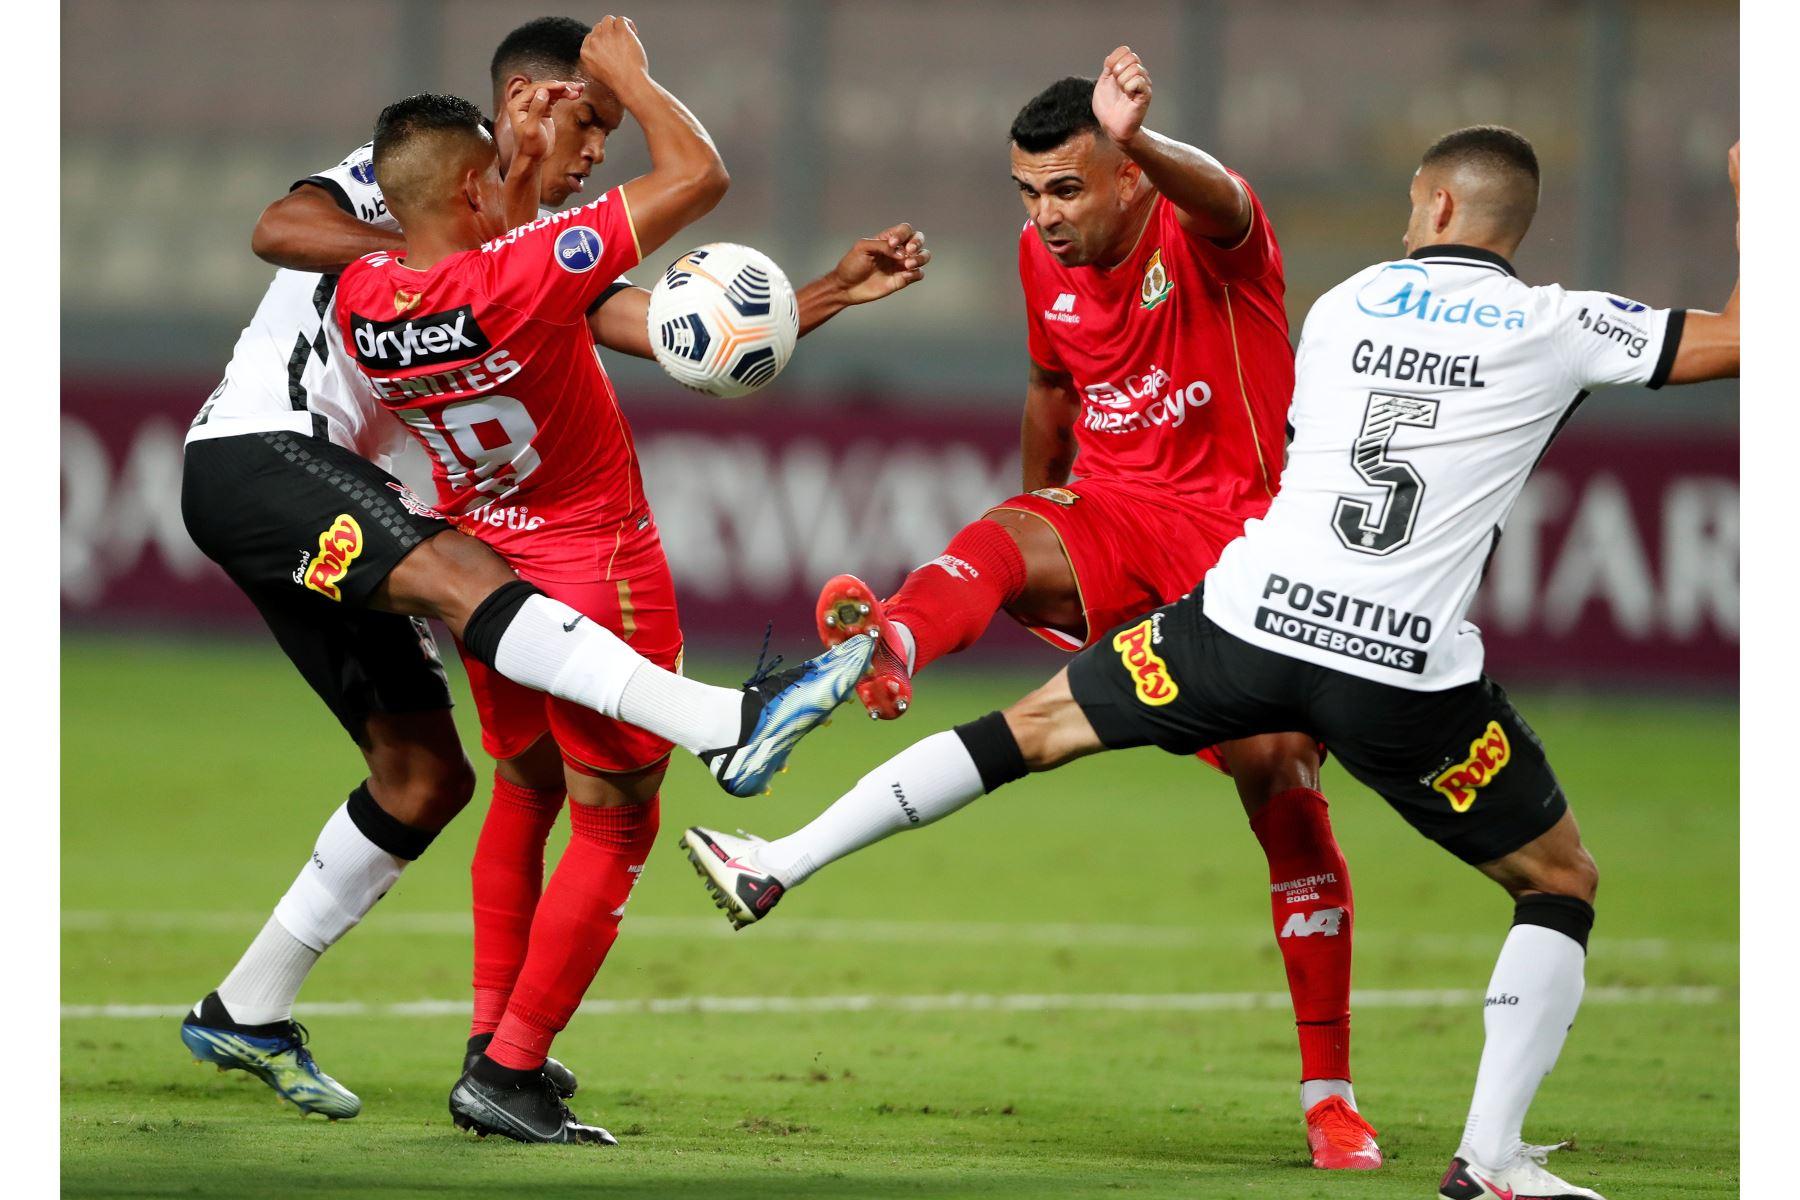 Luis Benites de Huancayo disputa un balón con Gabriel Girotto de Corinthians durante partido por la Copa Sudamericana en el Estadio Nacional. Foto: EFE